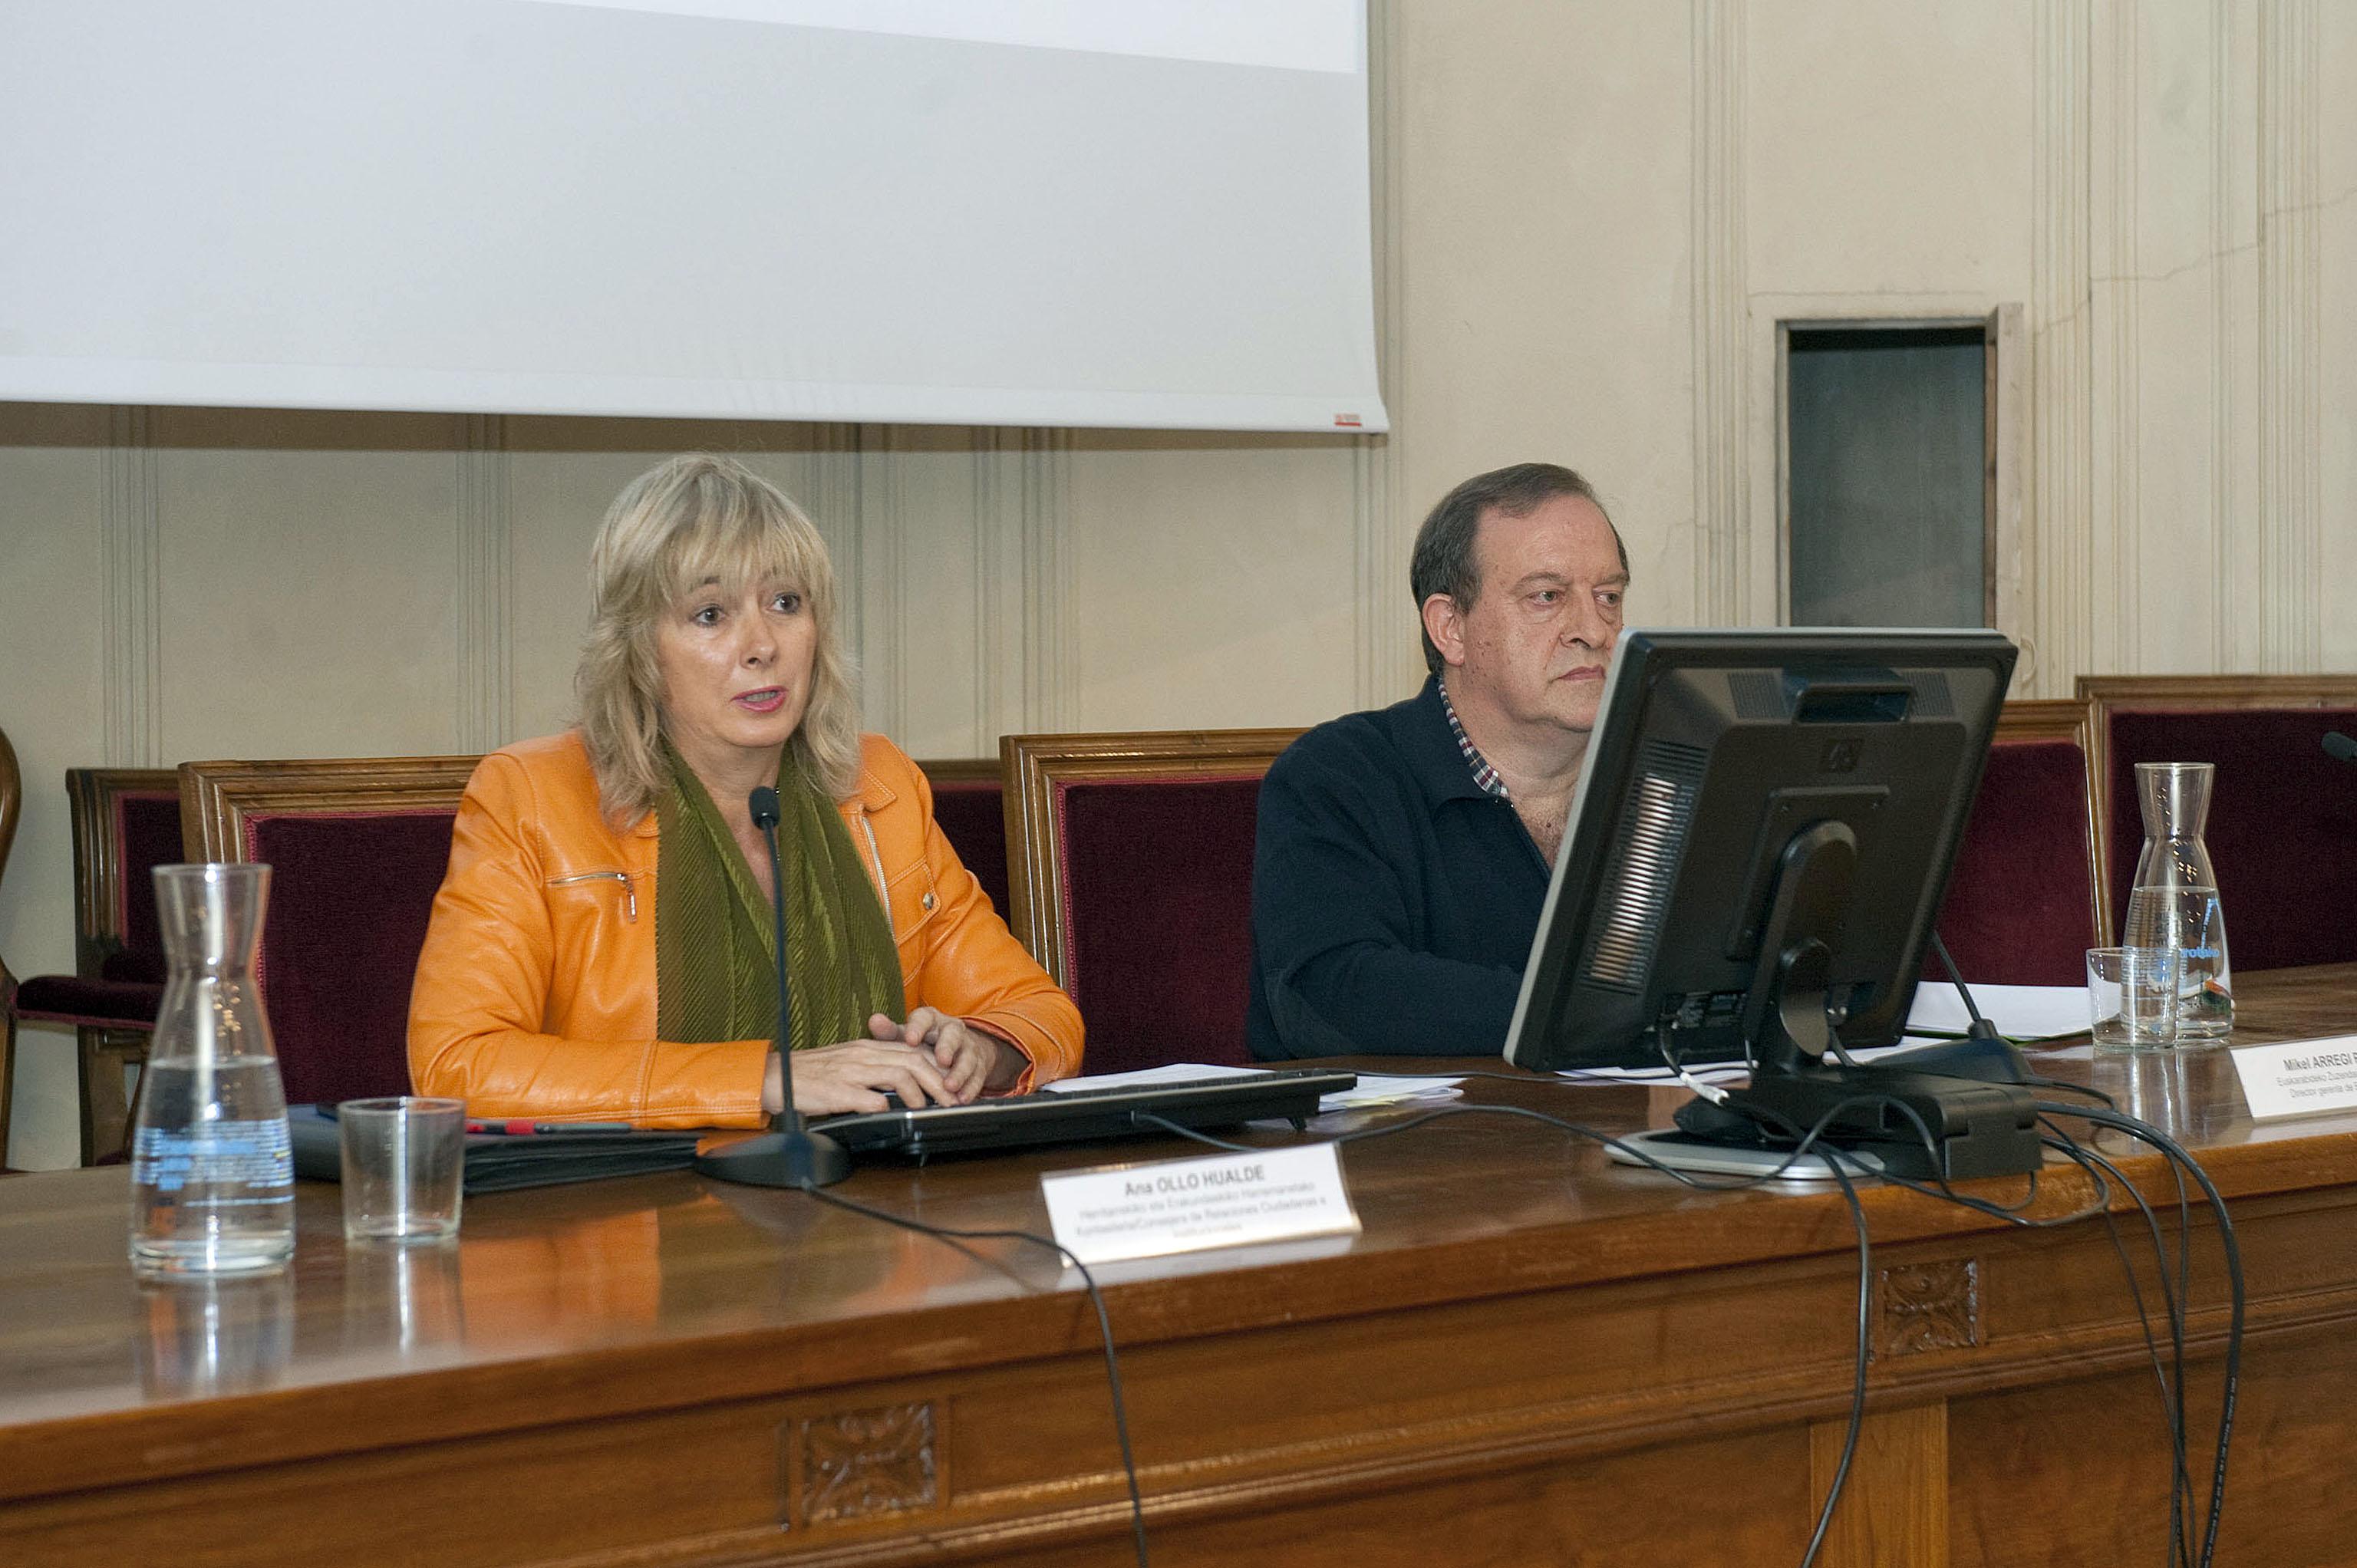 El euskera contará con un plan específico para fomentar su aprendizaje y uso en todos los sectores de la sociedad